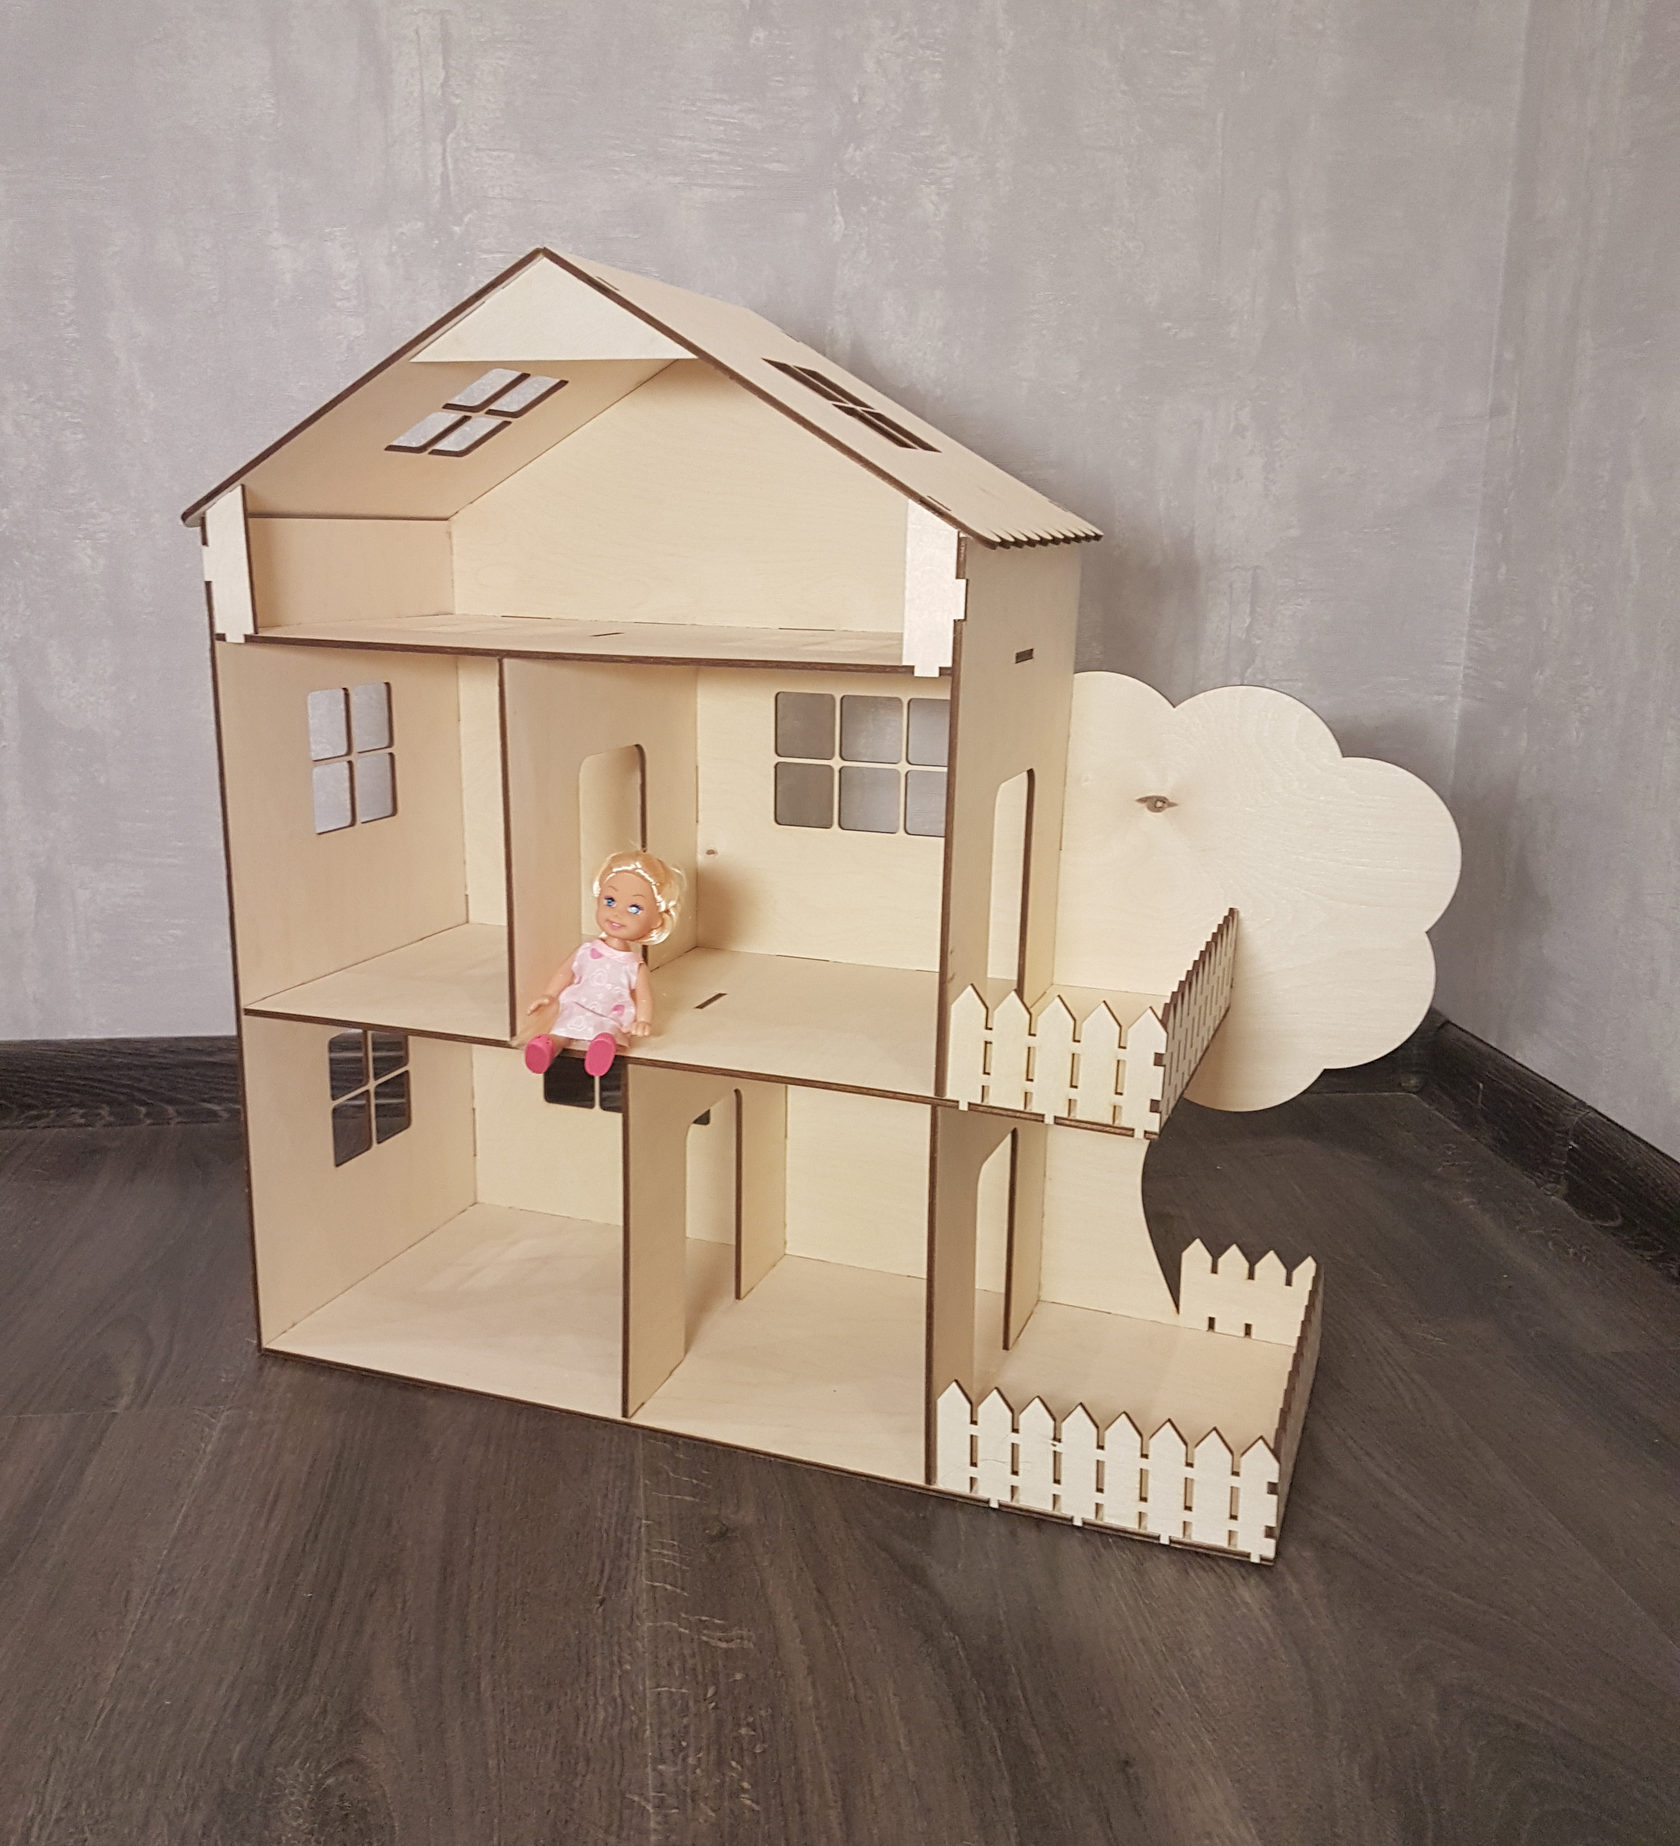 фотографии домика для кукол из фанеры удовольствие получила